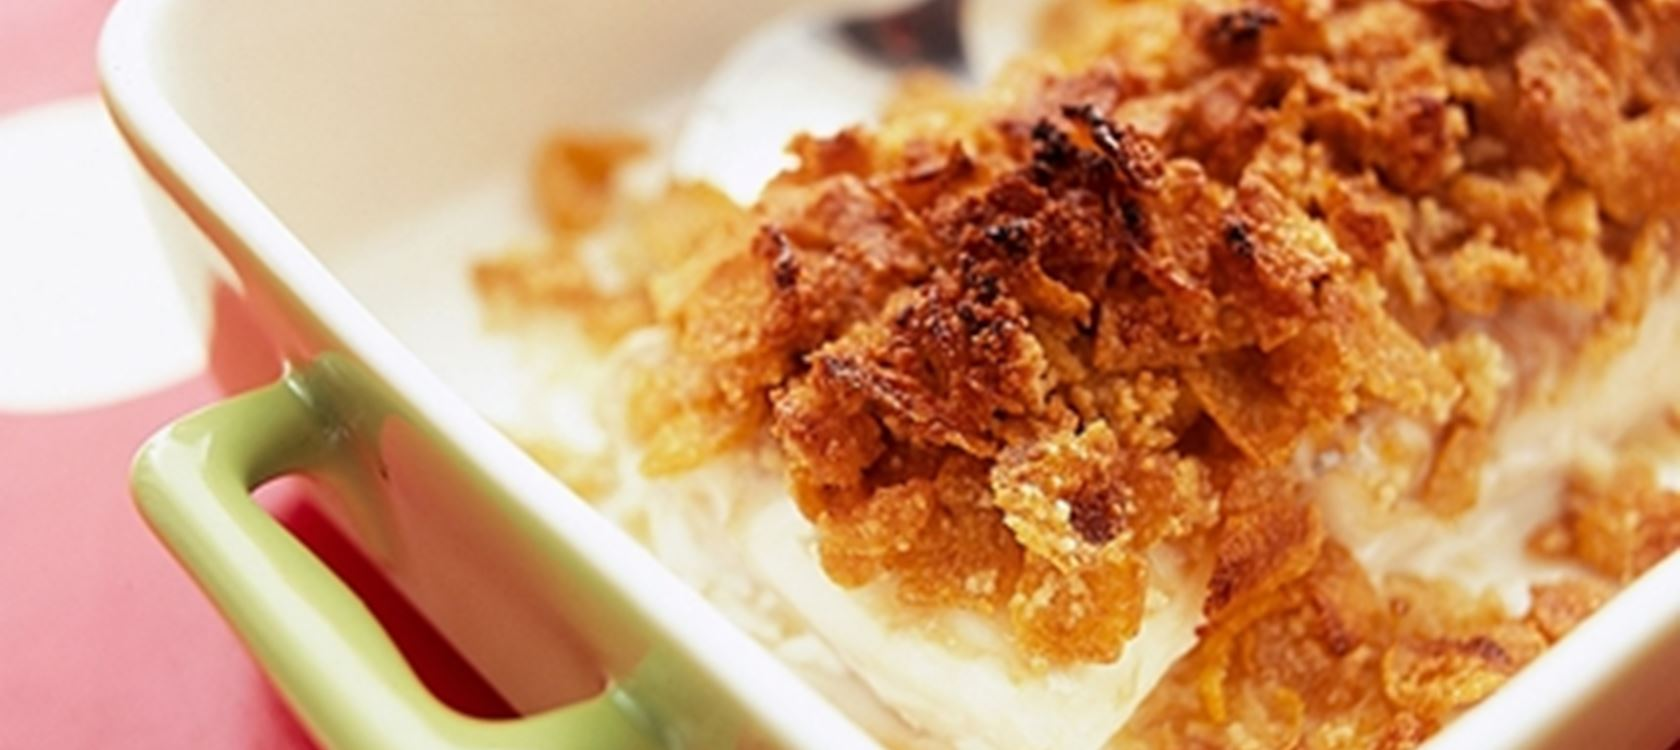 Maissihiutaleilla kuorrutettu kala